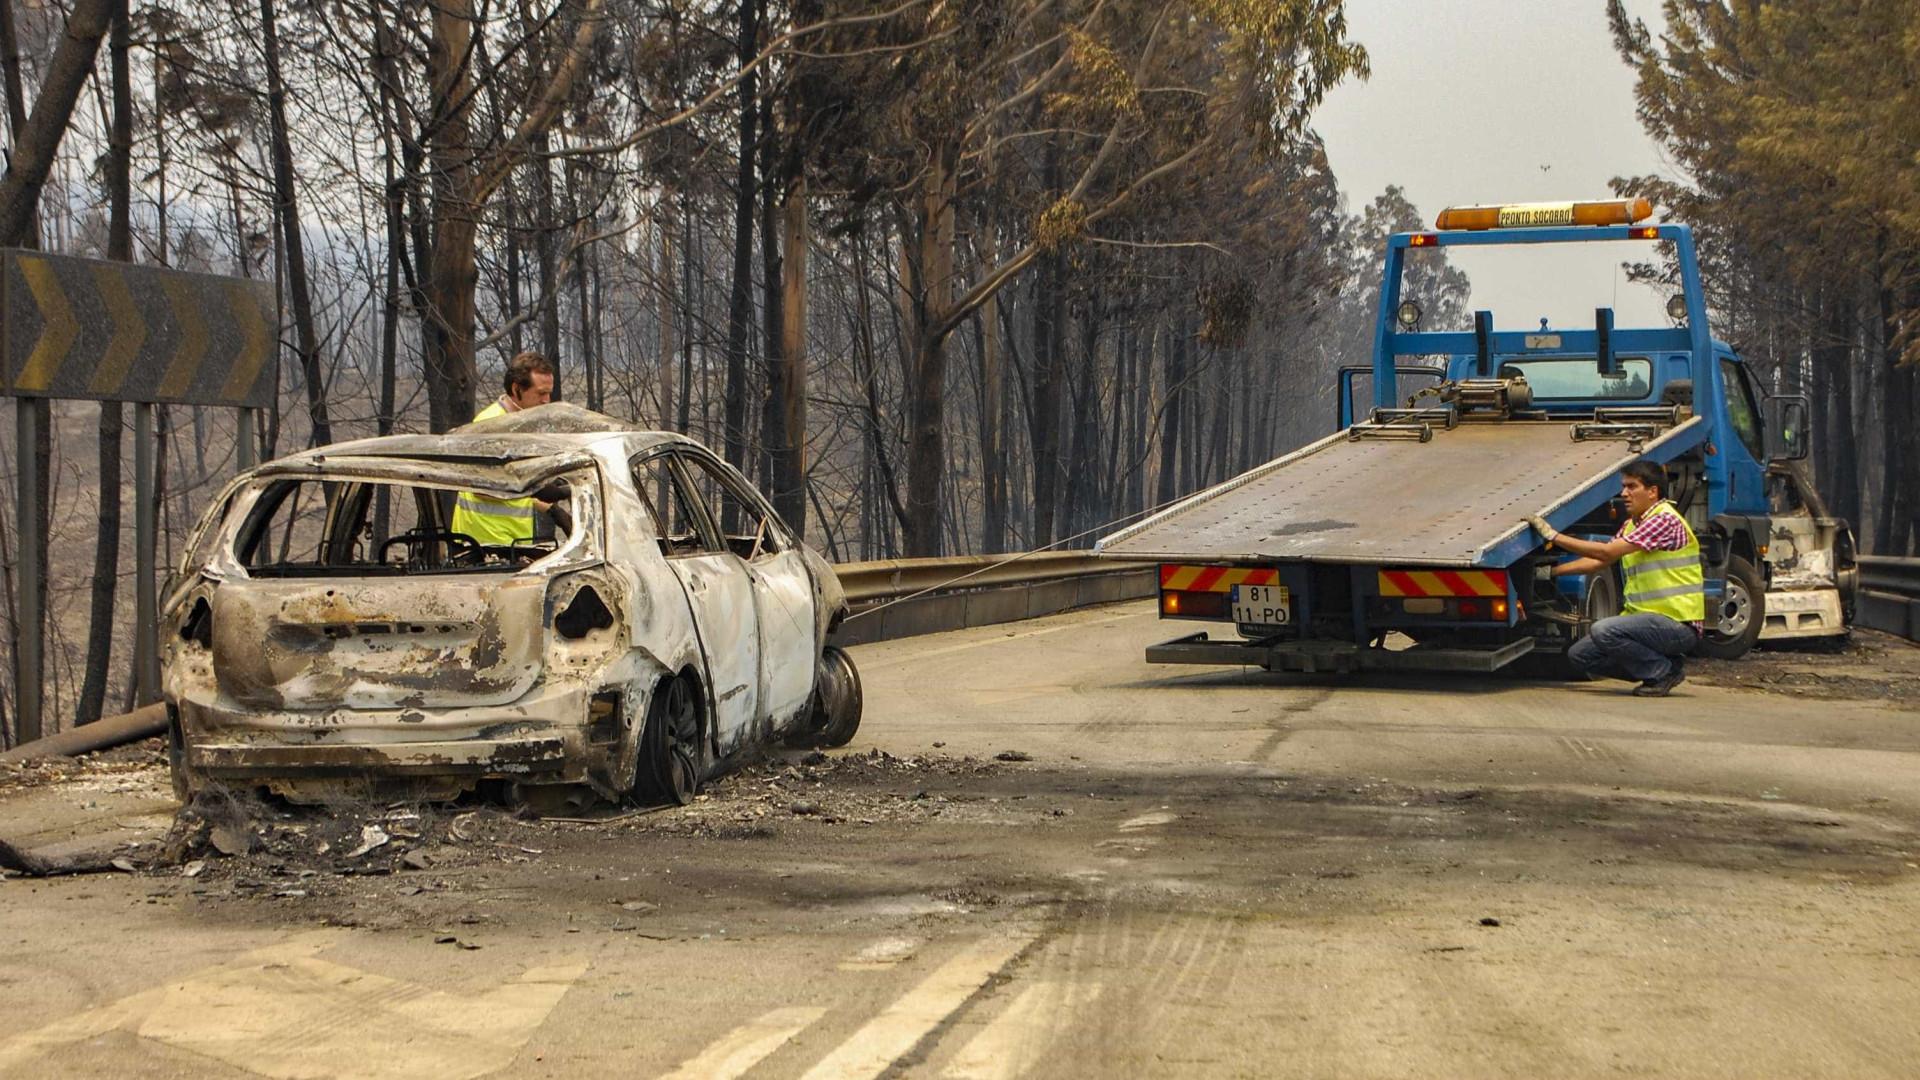 Proteção Civil acredita que incêndio será dominado no espaço de 24 horas